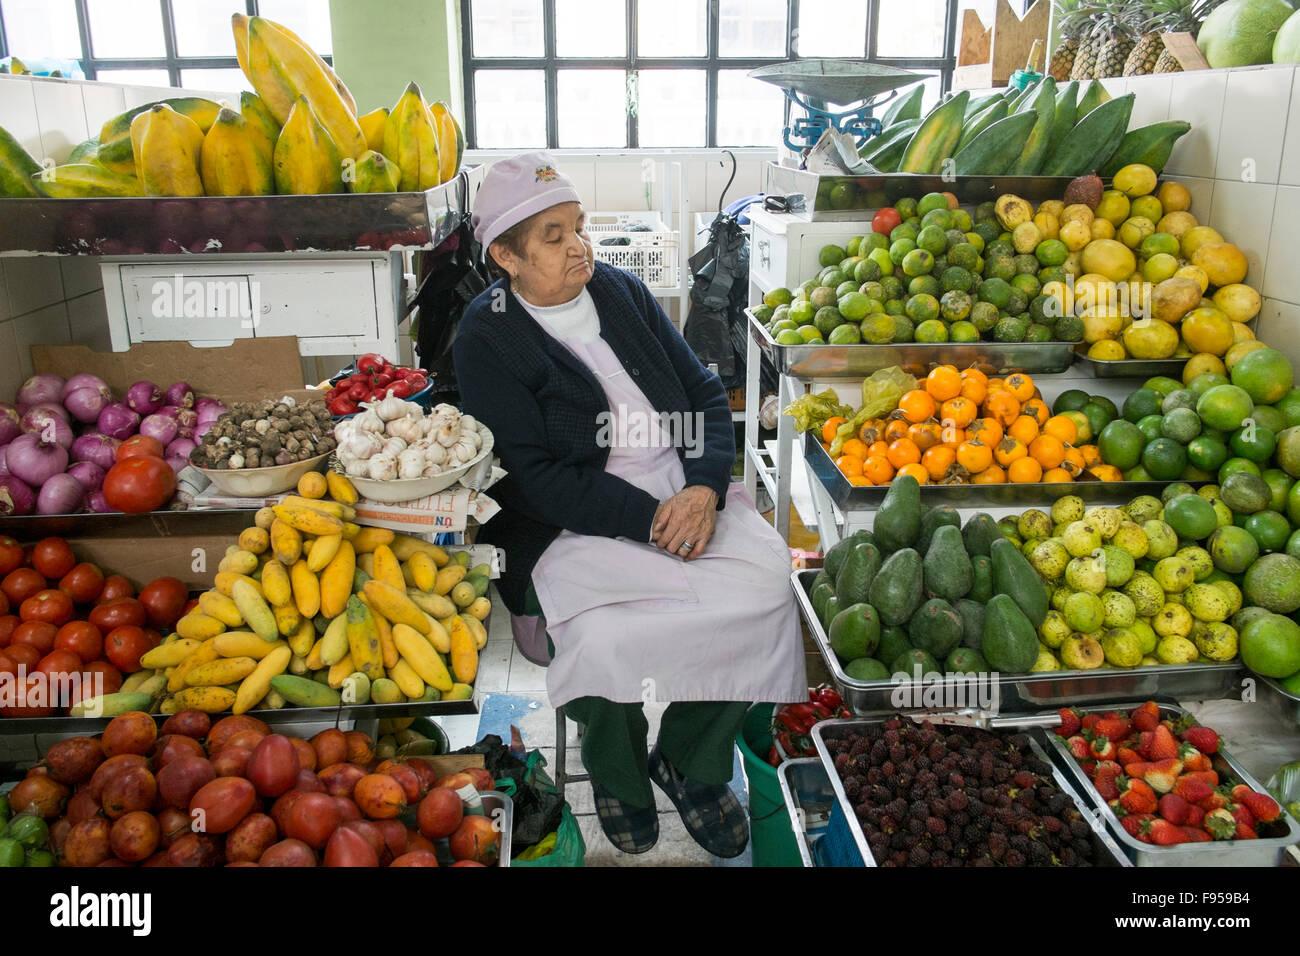 Quito , Ecuador. Il Mercado Central de Quito. Una donna che dorme sul suo frutto stallo. Immagini Stock